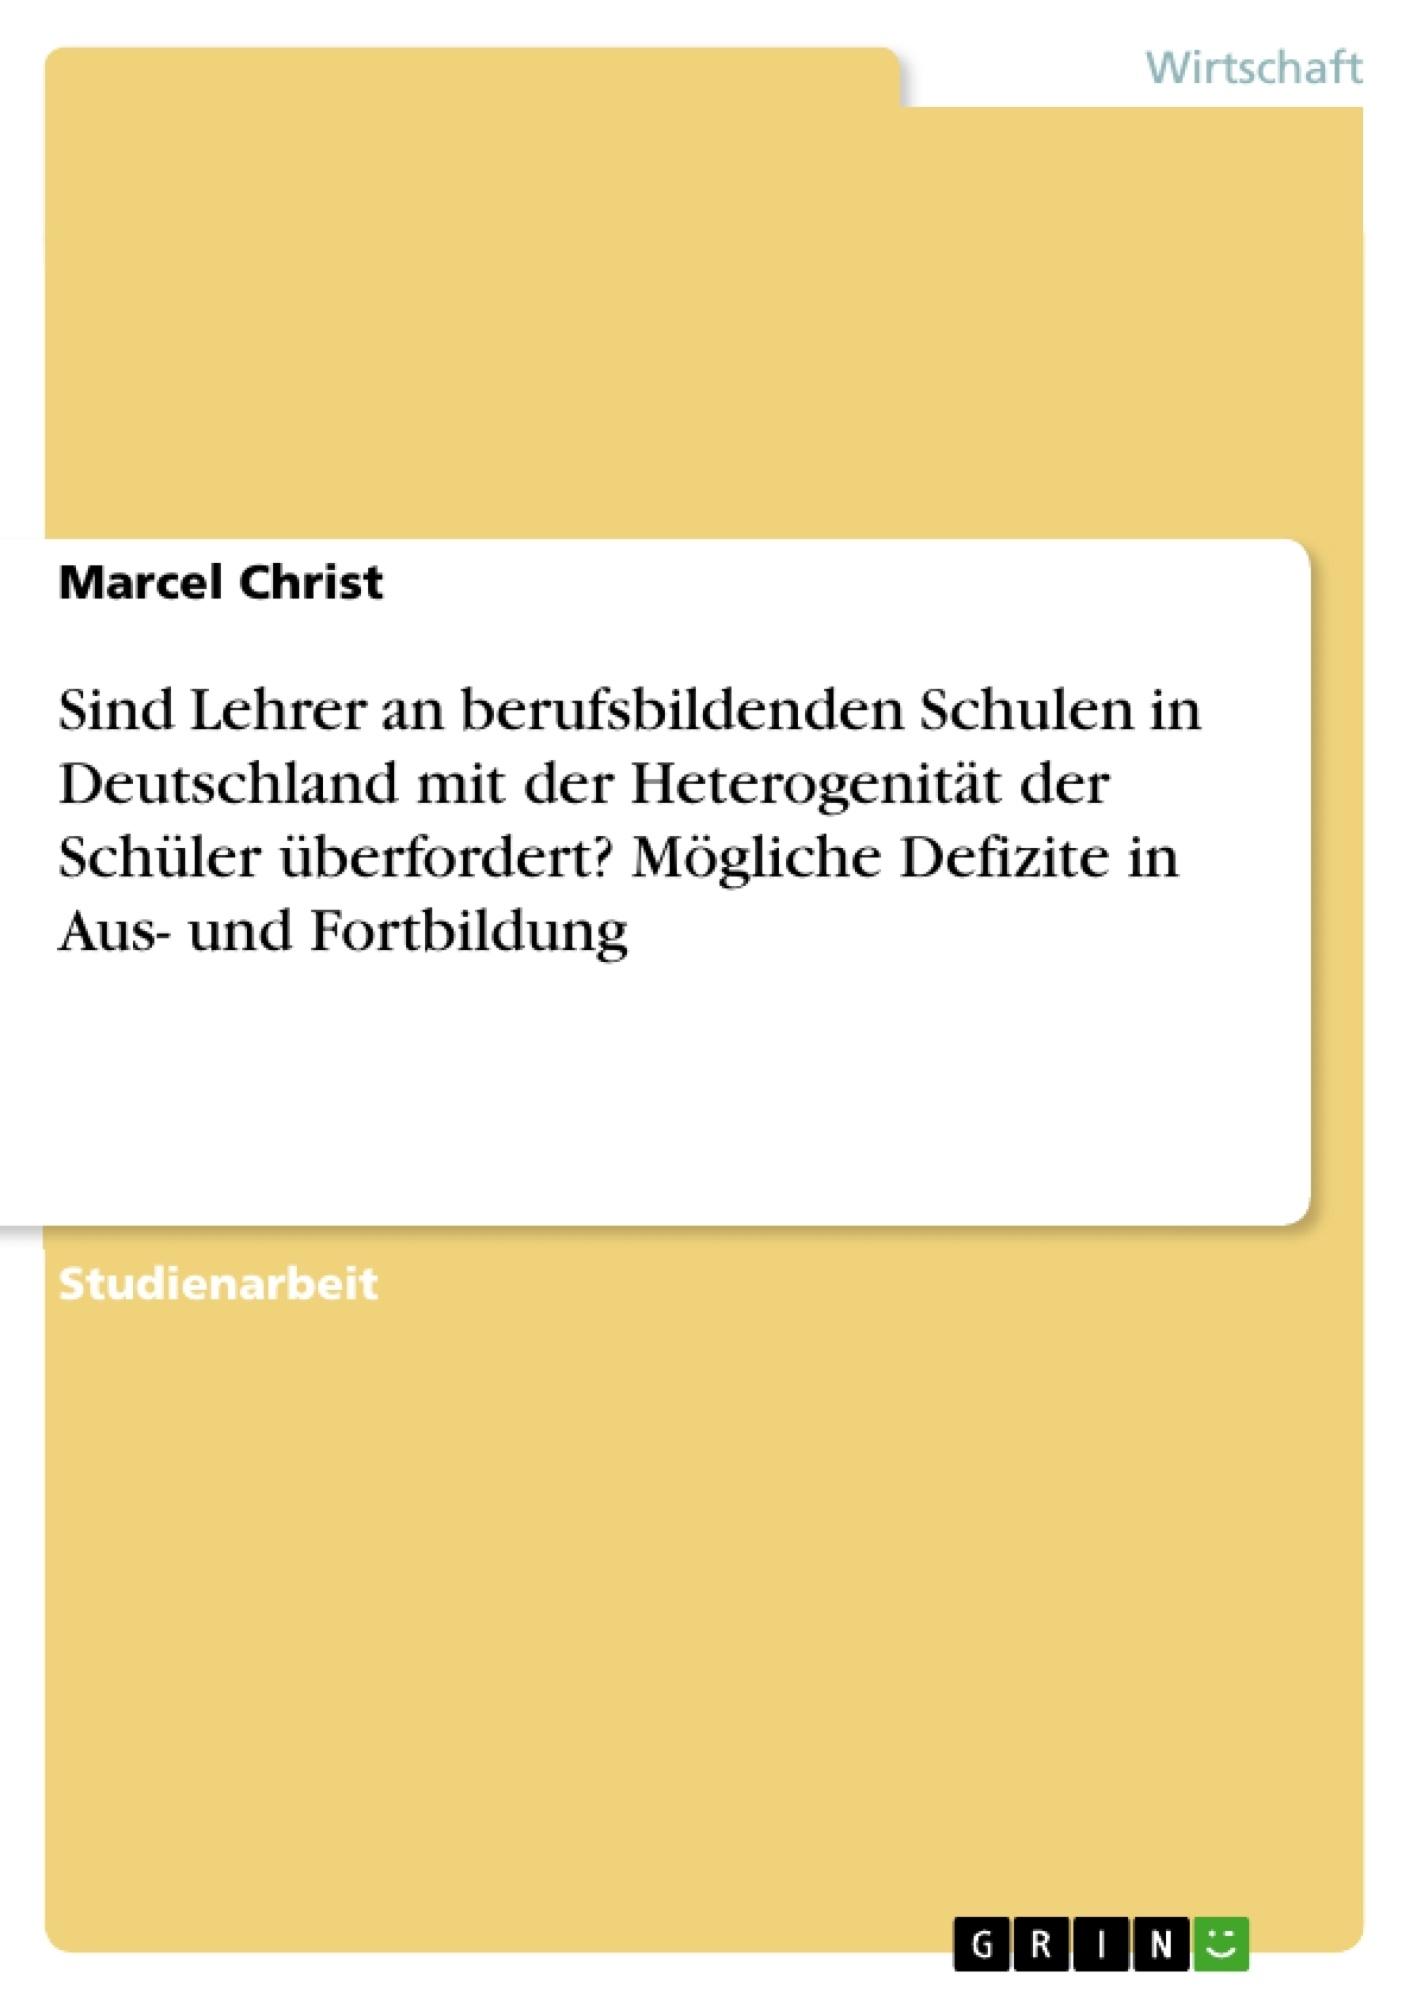 Titel: Sind Lehrer an berufsbildenden Schulen in Deutschland mit der Heterogenität der Schüler überfordert? Mögliche Defizite in Aus- und Fortbildung